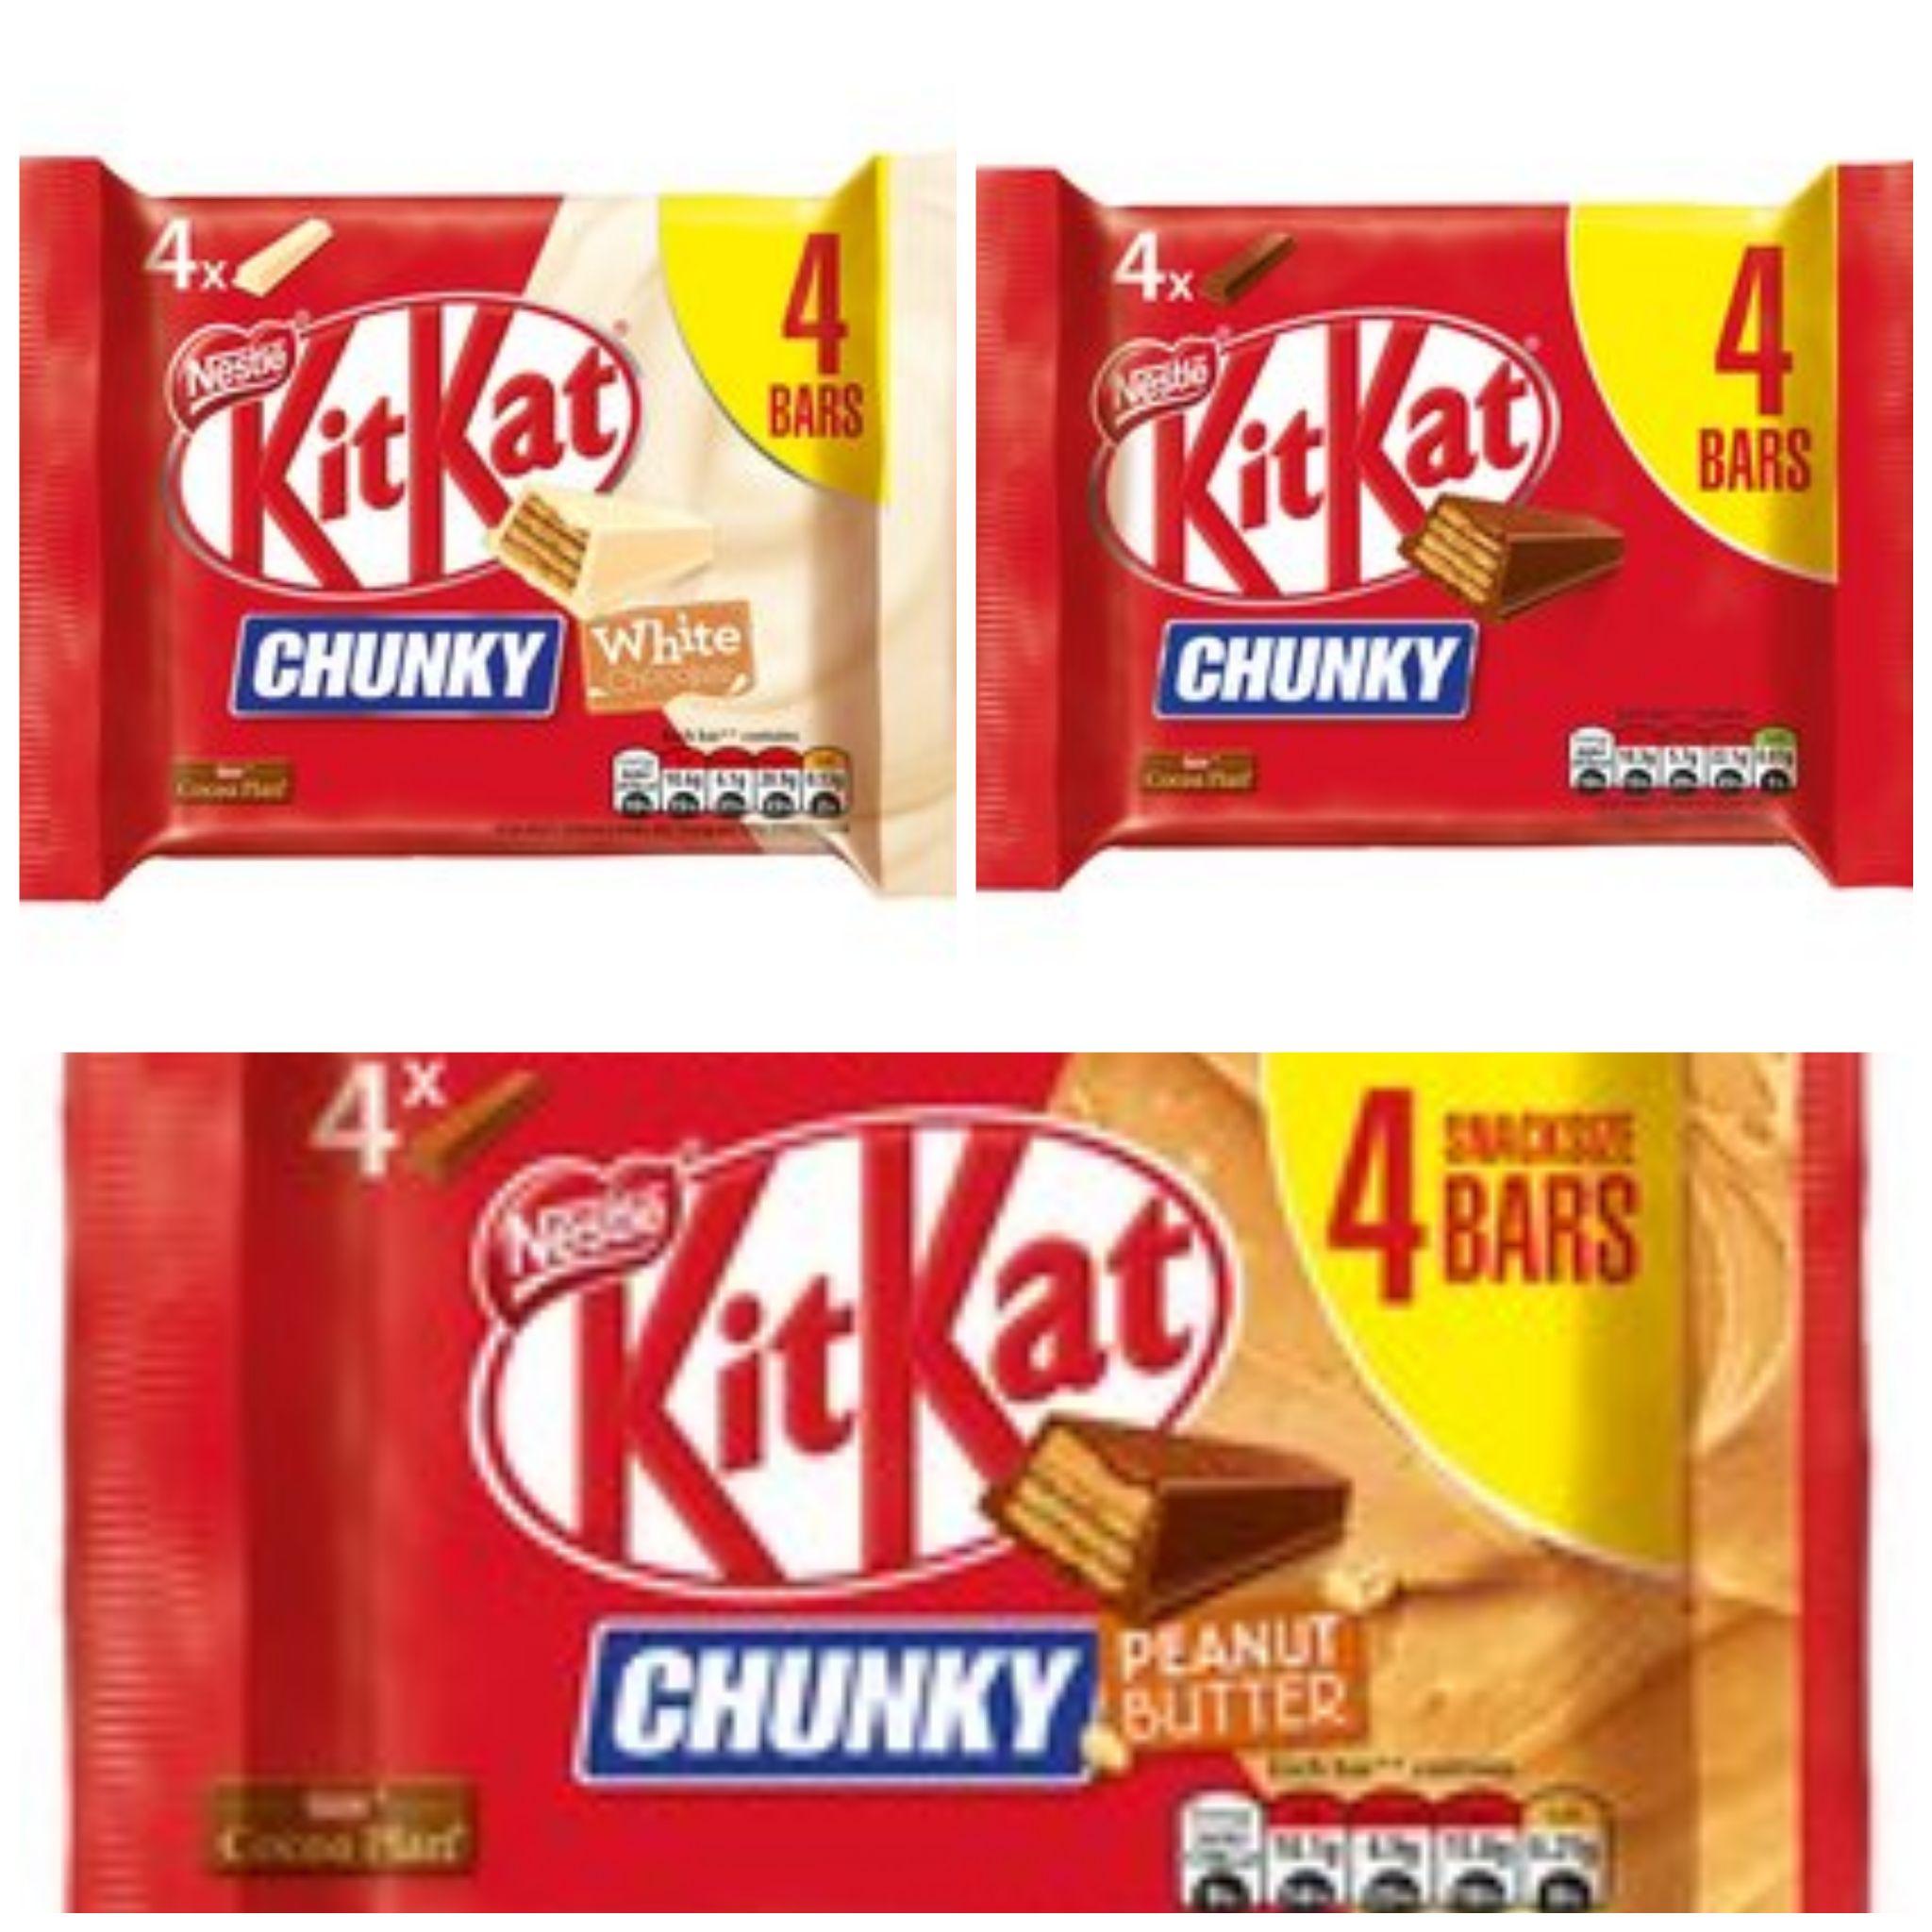 Kit Kat Chunky (White / Peanut Butter / Original) 4 pack for 90p @ Tesco